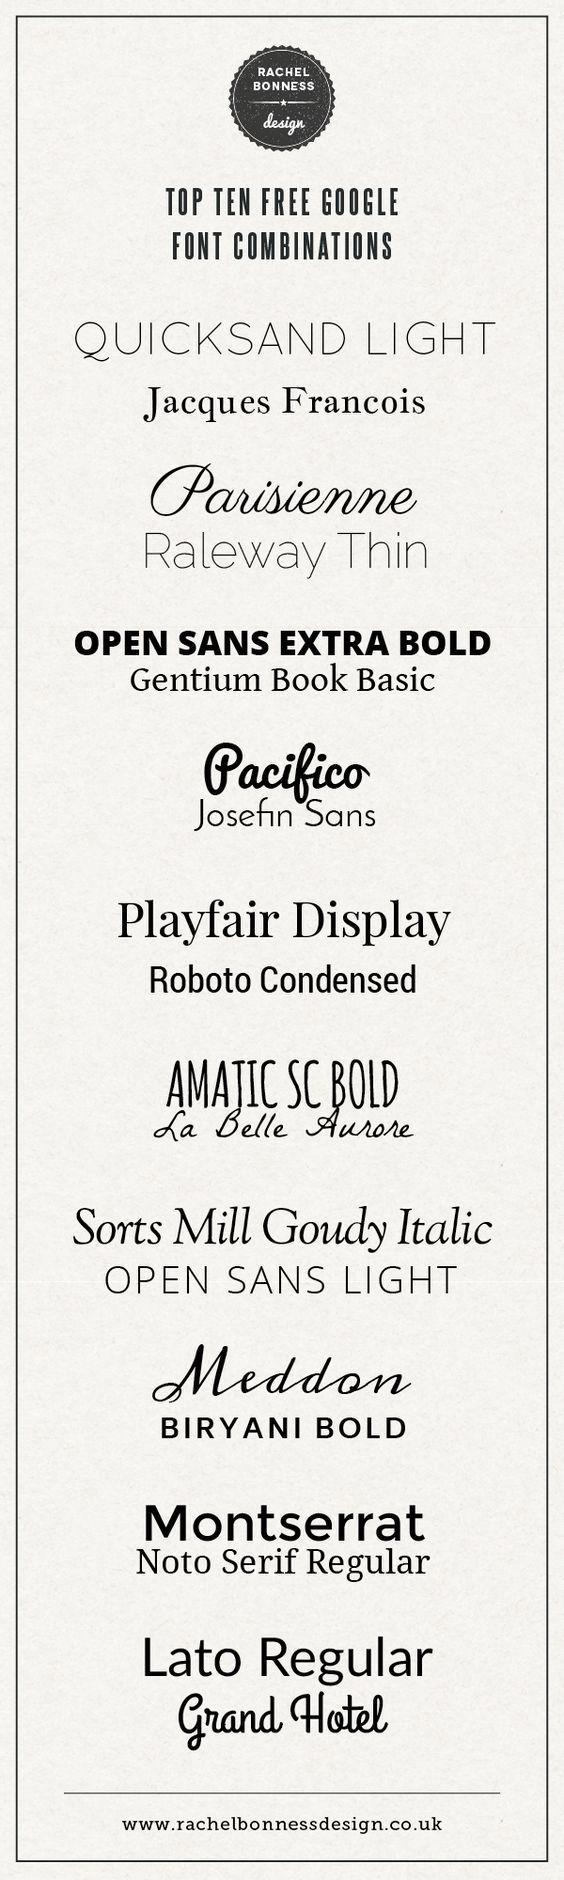 Top ten free google font combinations Font combinations